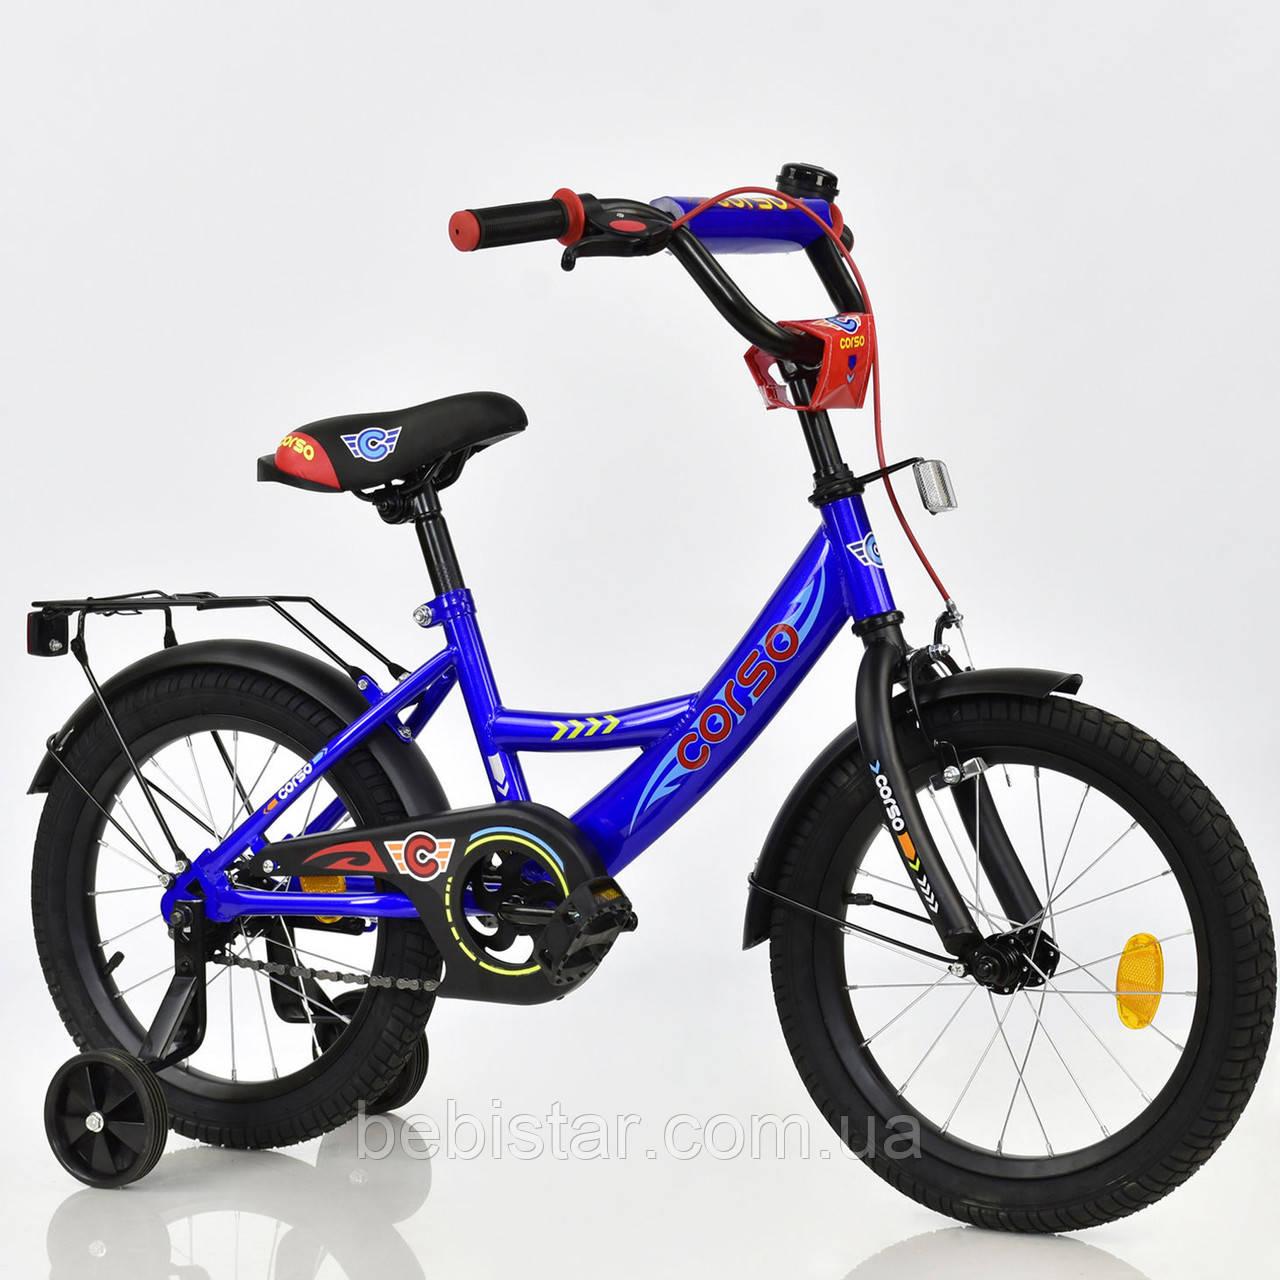 """Двухколесный велосипед Corso 14"""" детям 4-5 лет цвет синий"""